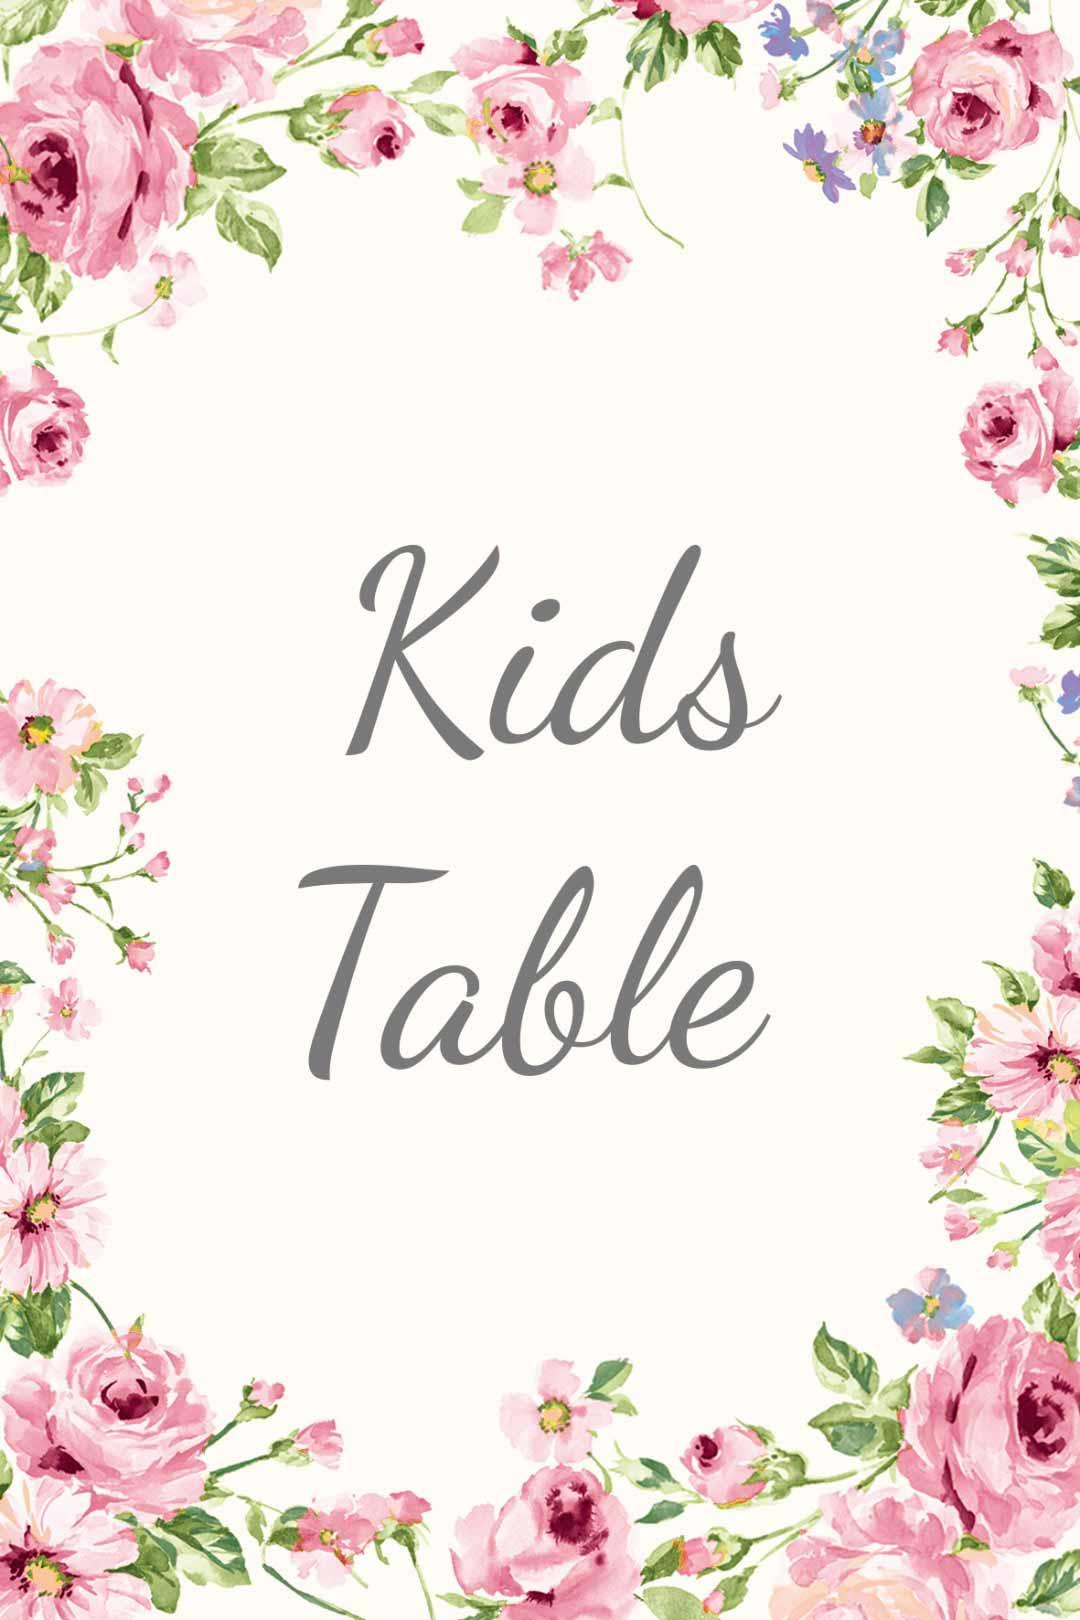 Schild im blumigen Design als Vorlage für die Hochzeit: Kids Table